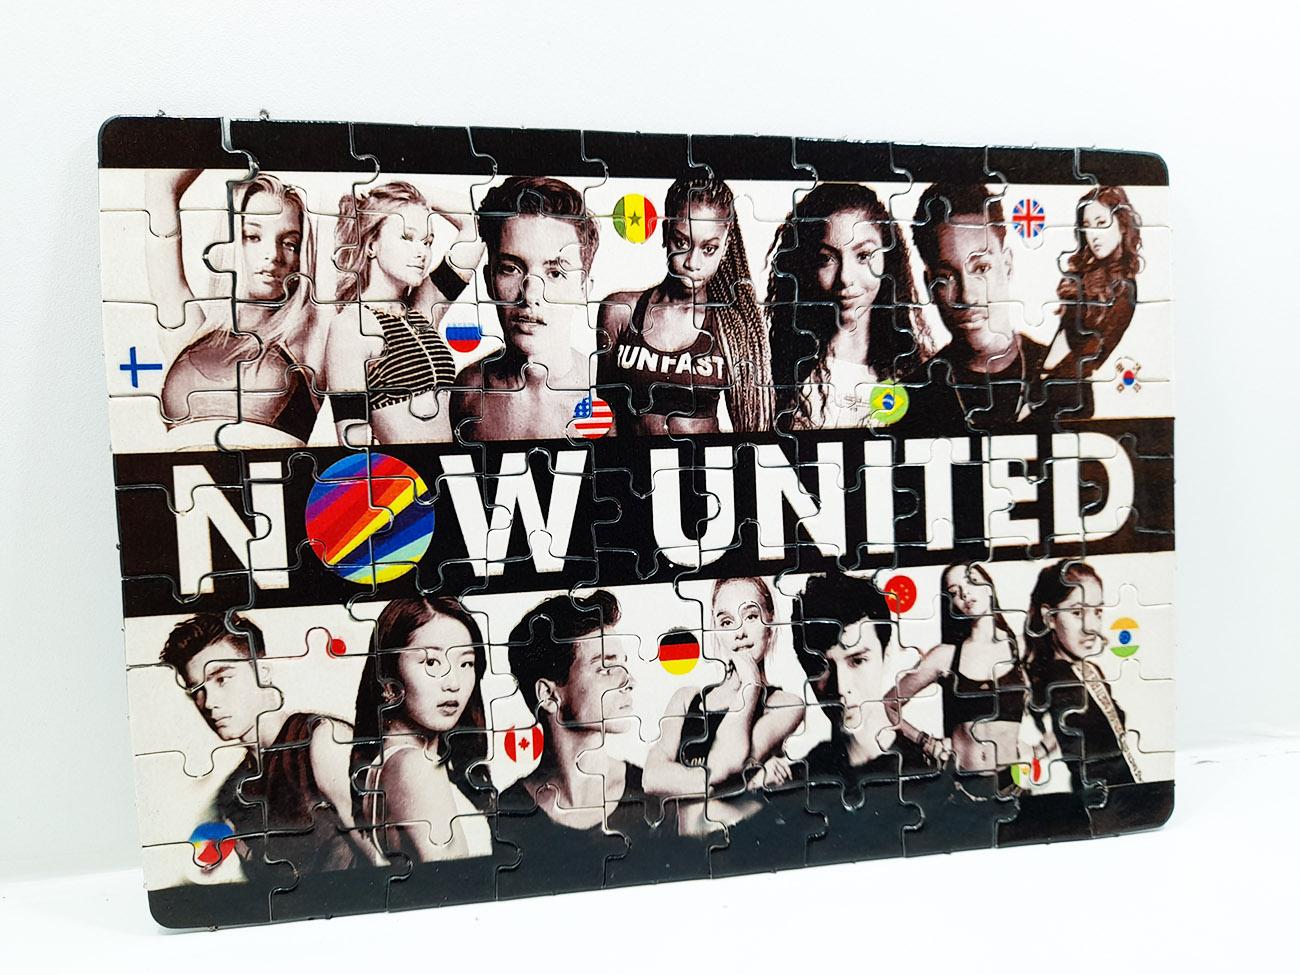 Quebra-cabeça personalizado  Now united - 165 peças